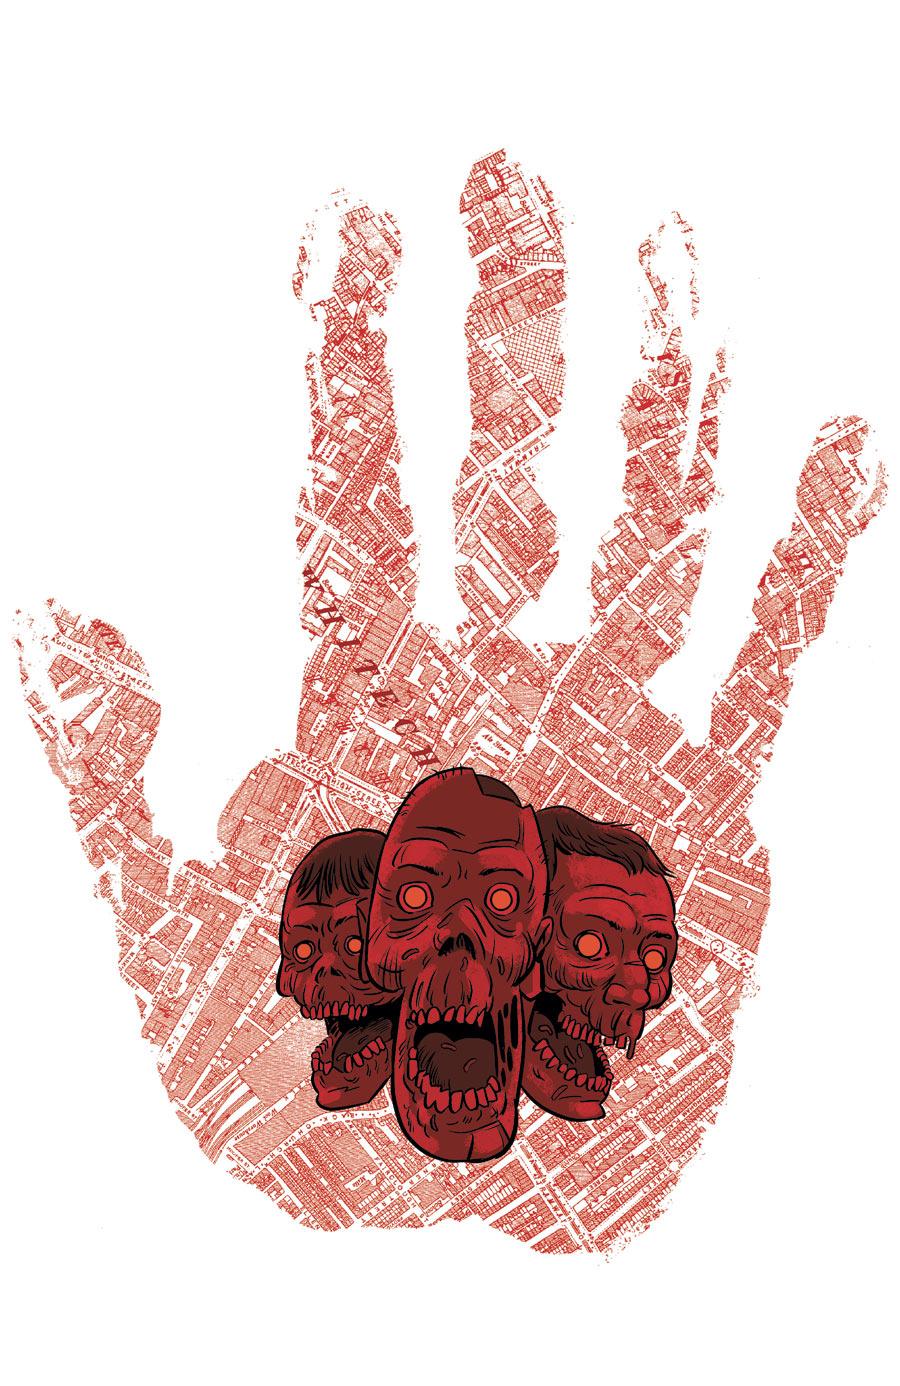 The New Deadwardians #2 (2012) - DC/Vertigo. Cover: I.N.J Culbard